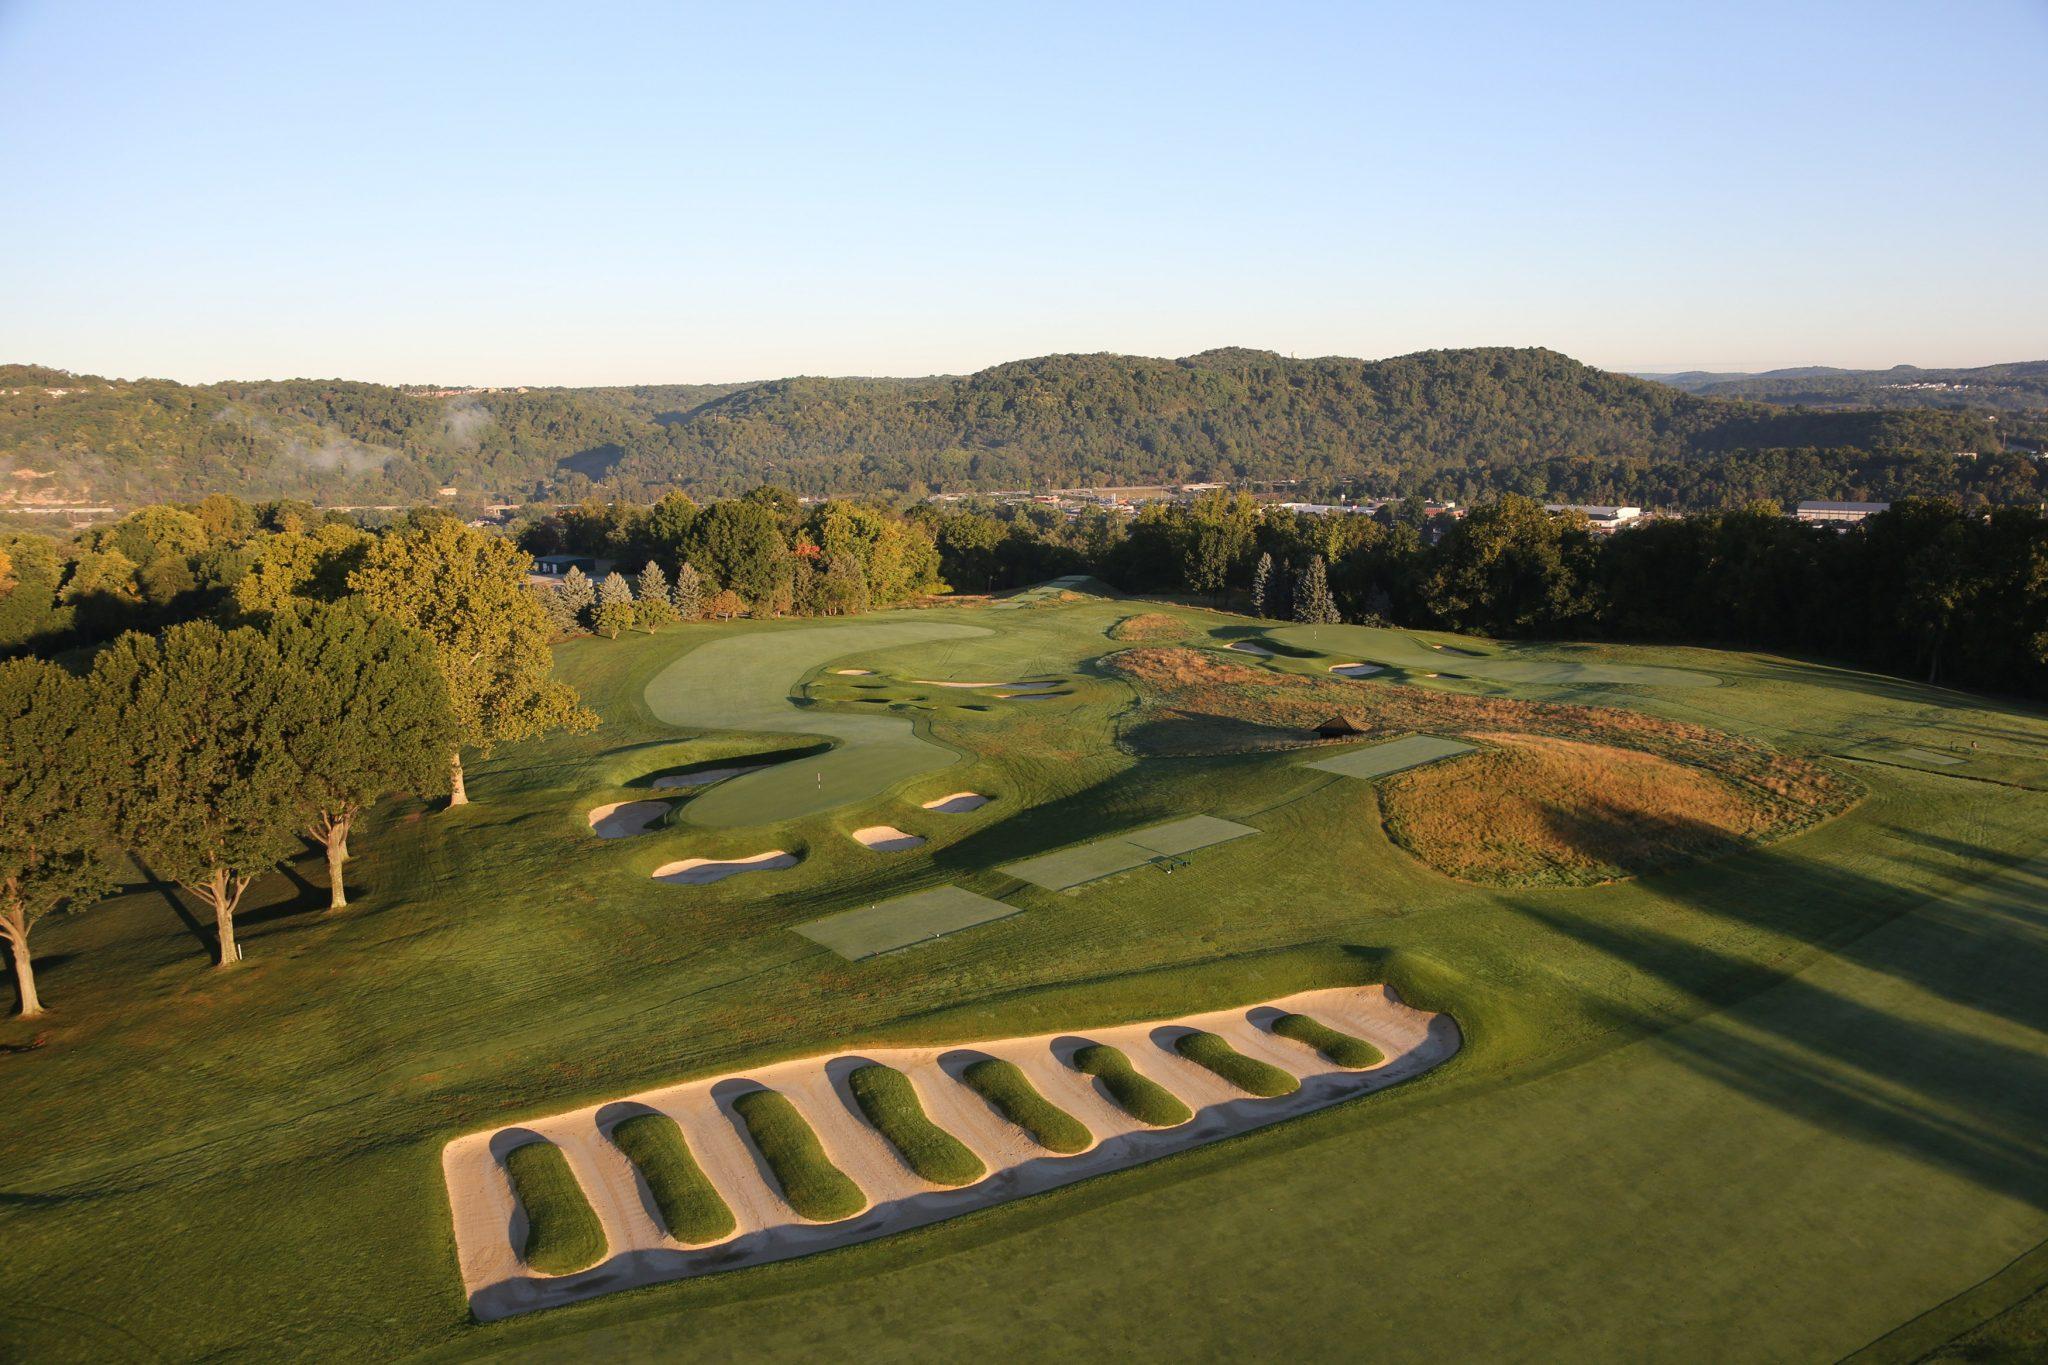 Thiết kế cảnh quan sân golf đẹp nhất ở Mỹ